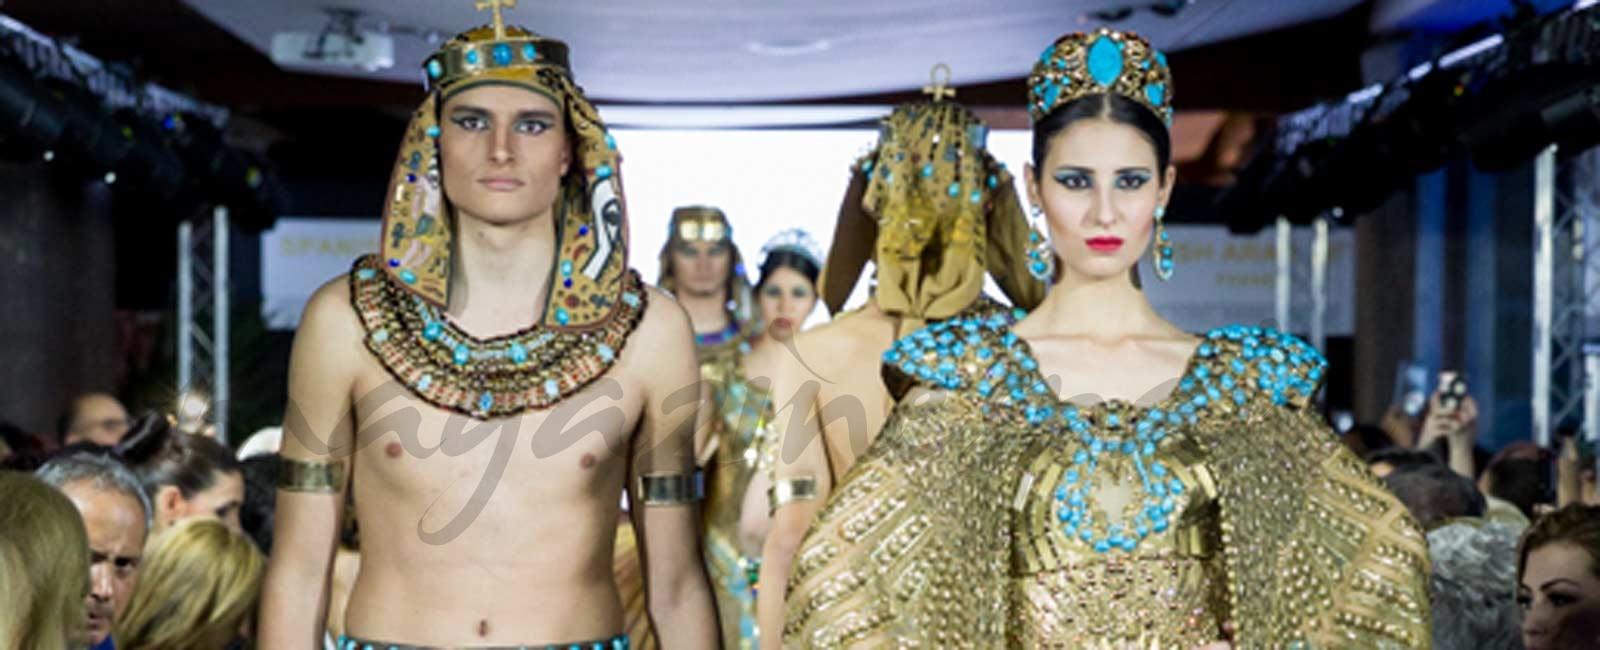 Un evento diferente, Spanish Arab Fashion